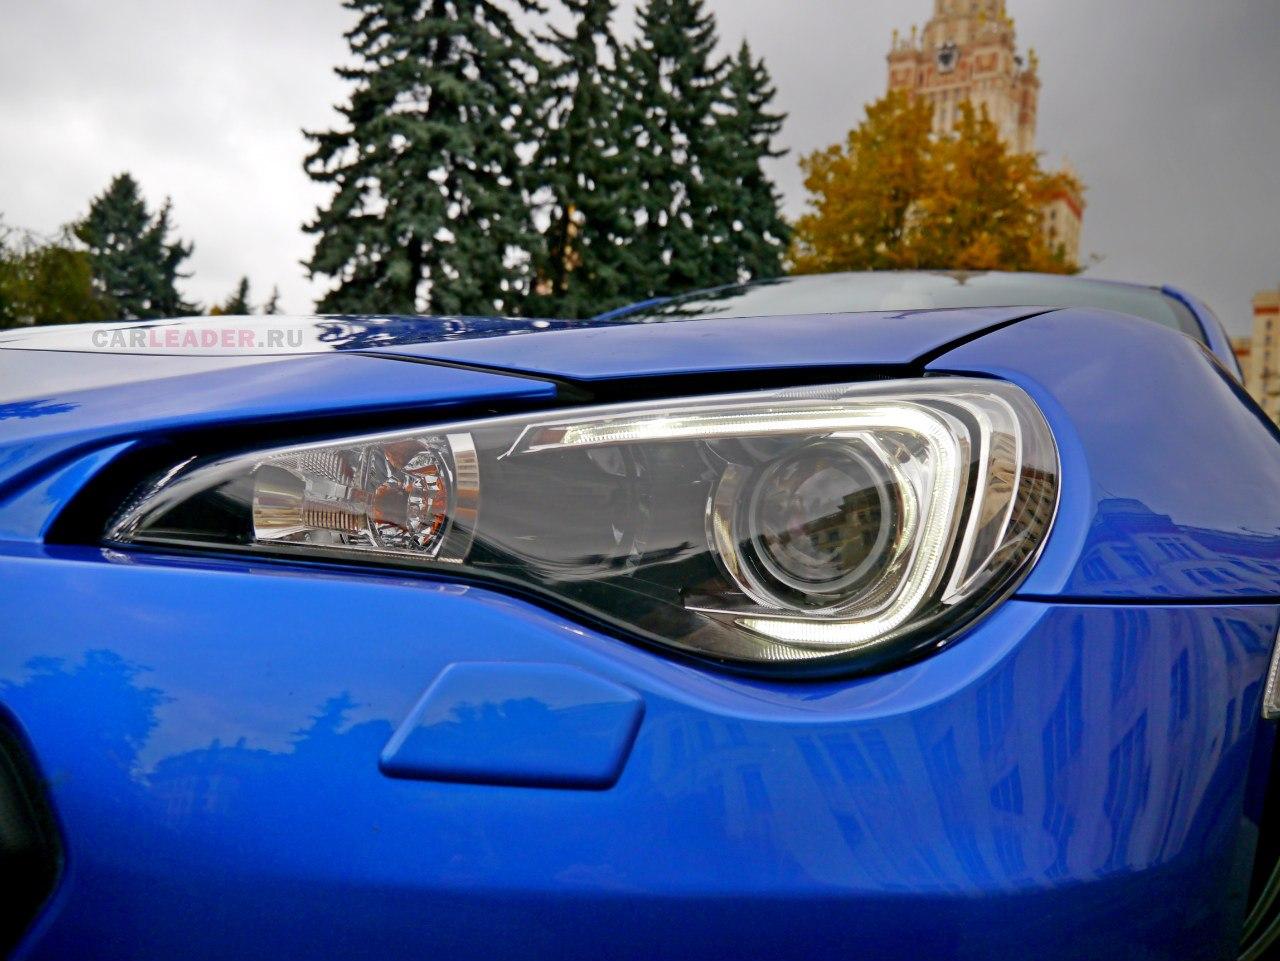 BRZ стал первым автомобилем от Subaru с диодными габаритами. Достаточно яркие даже днем.